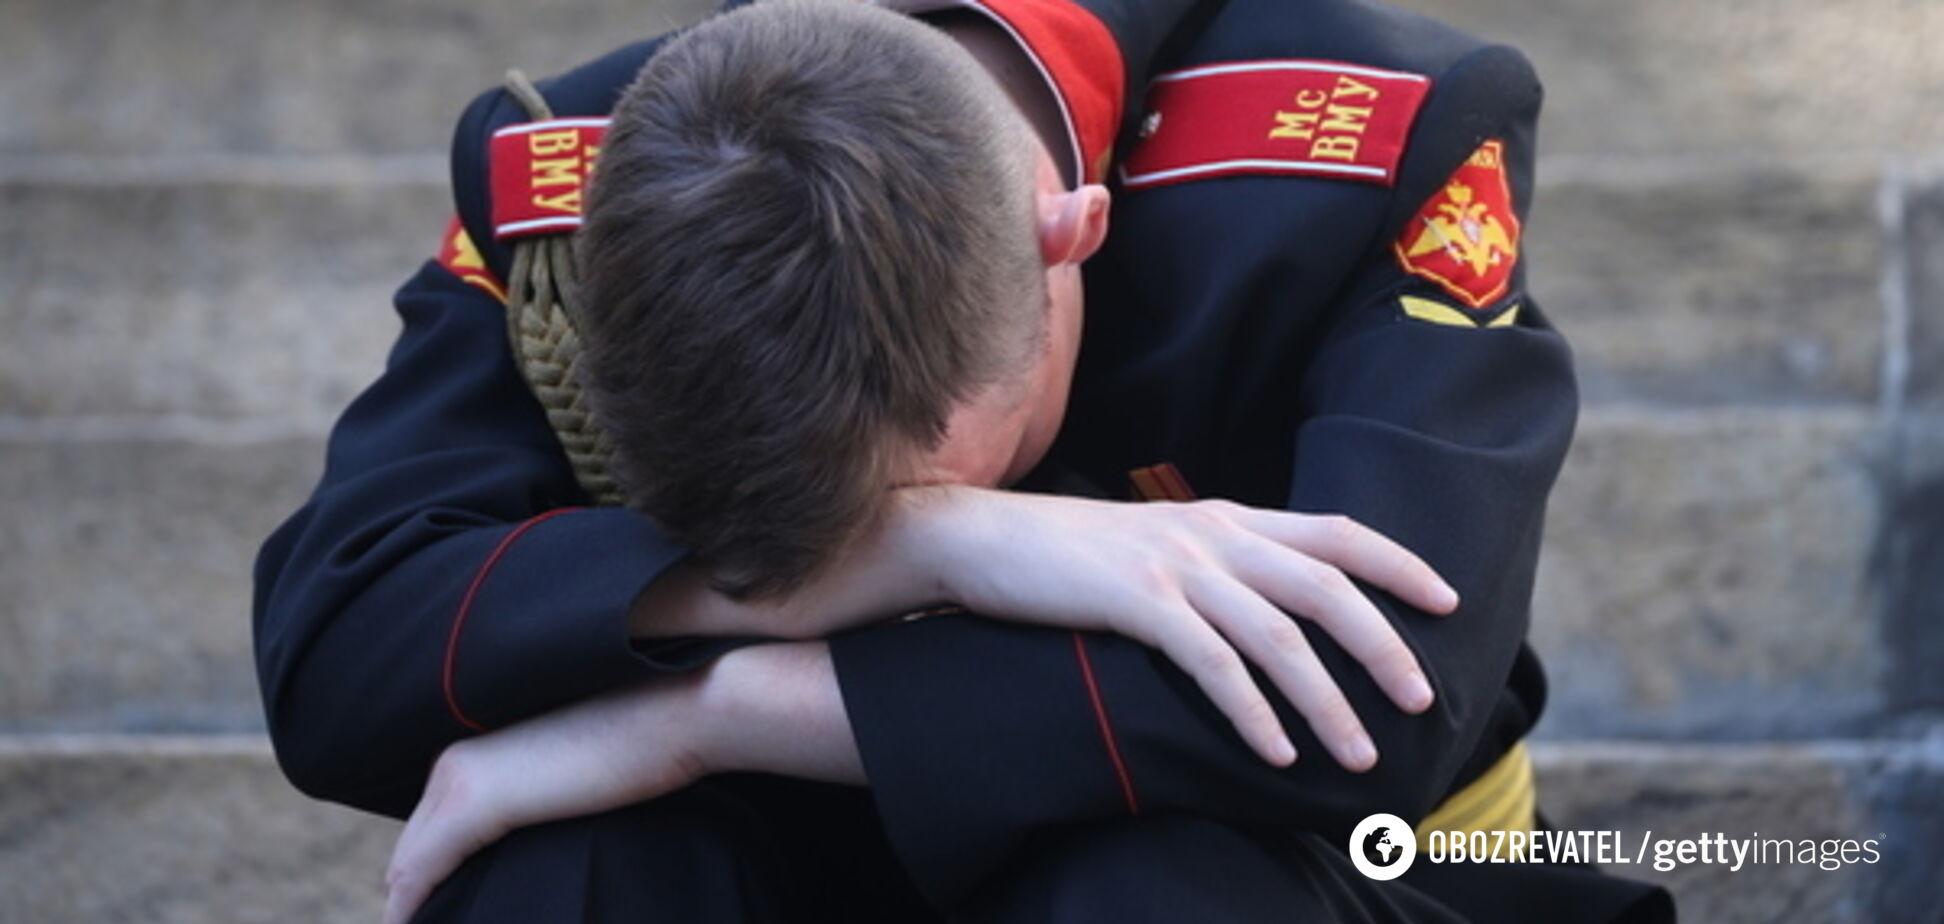 Черви з'їли легені: скандал з суворовцями в Росії отримав продовження